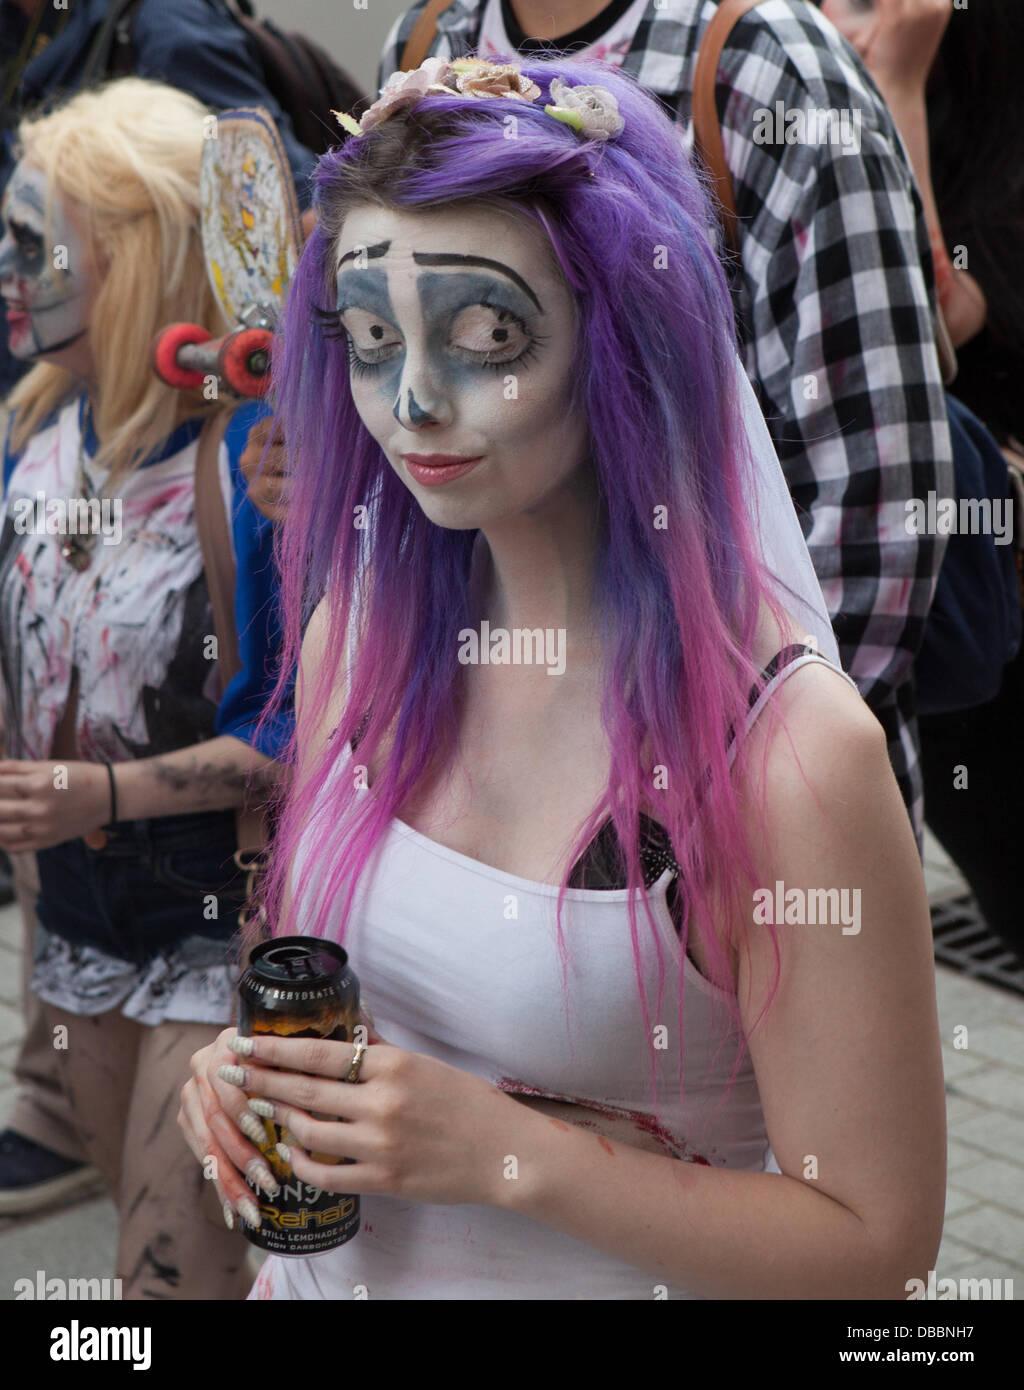 Birmingham, Vereinigtes Königreich. 27. Juli 2013. Der jährliche Birmingham Zombie Walk findet in Birmingham, UK. Stockfoto